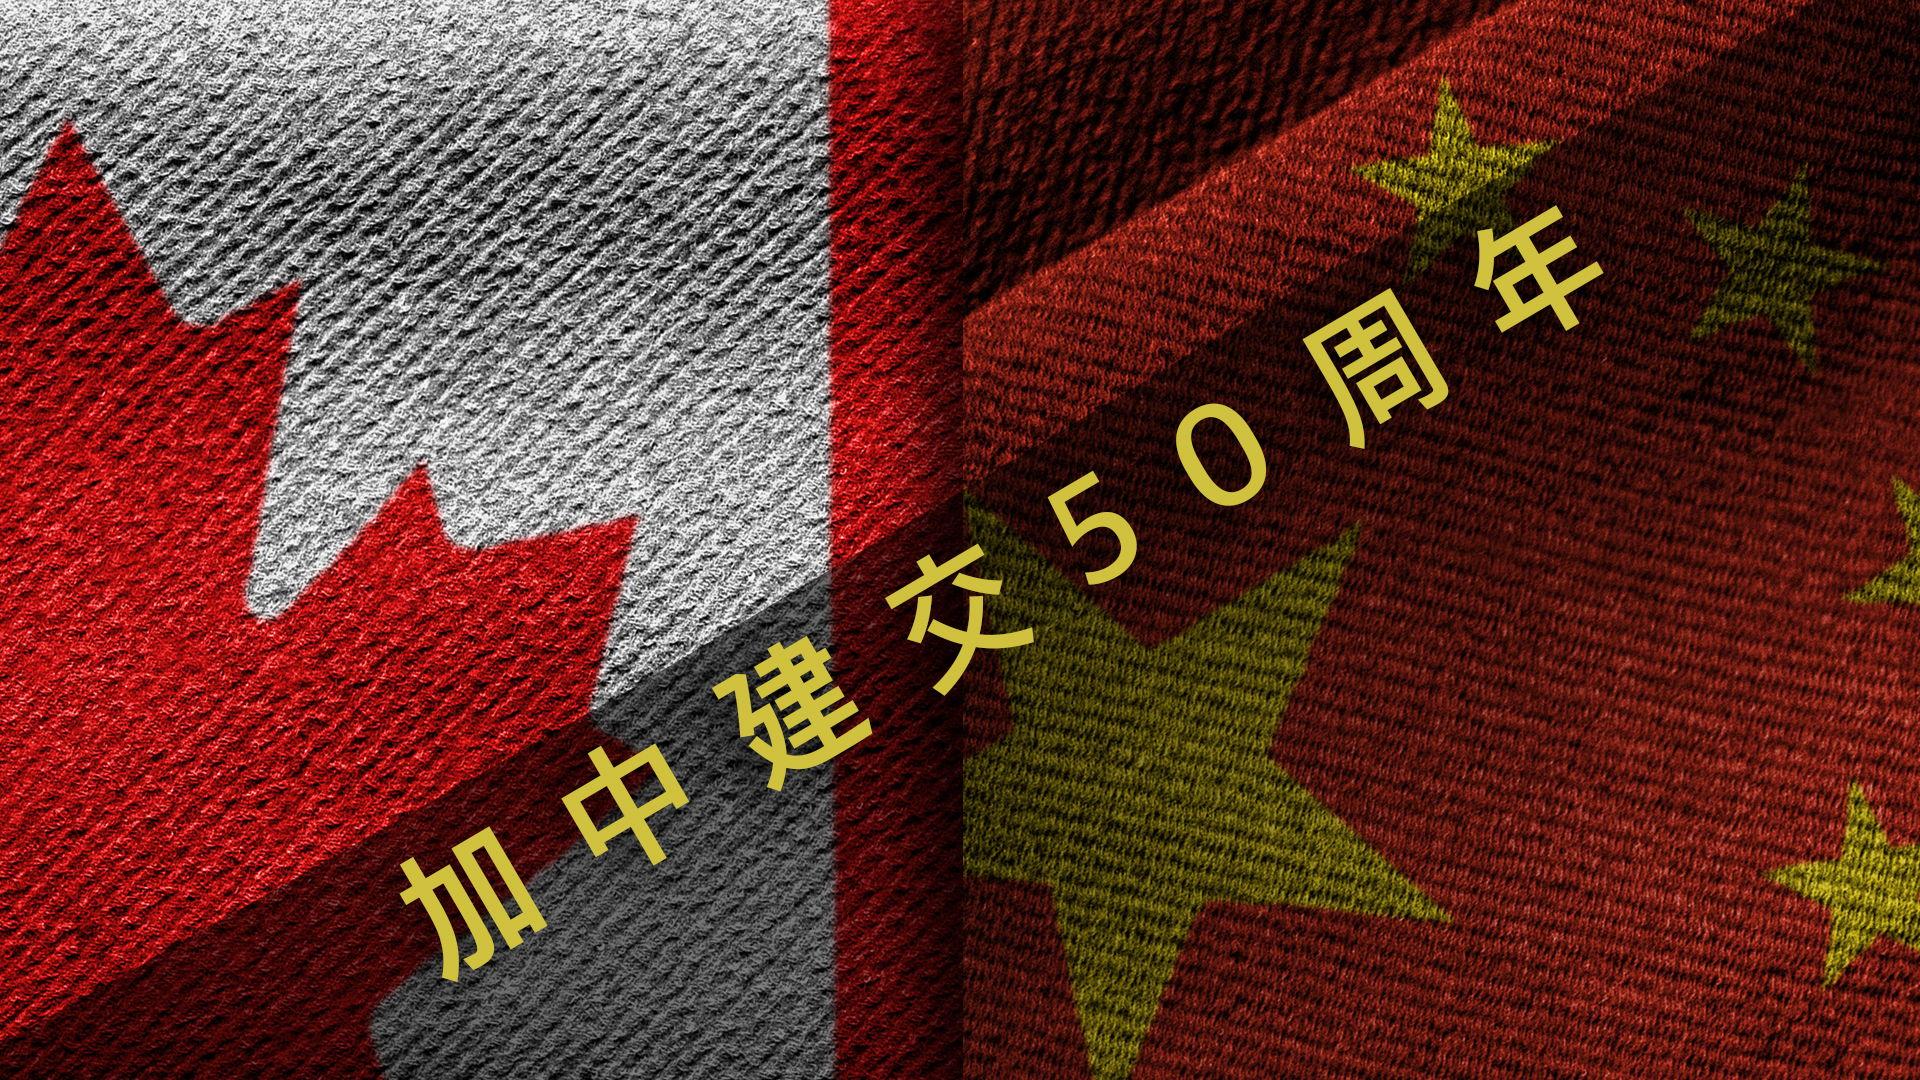 le texte «中加建交50周年» avec les drapeaux canadien et chinois en arrière-plan